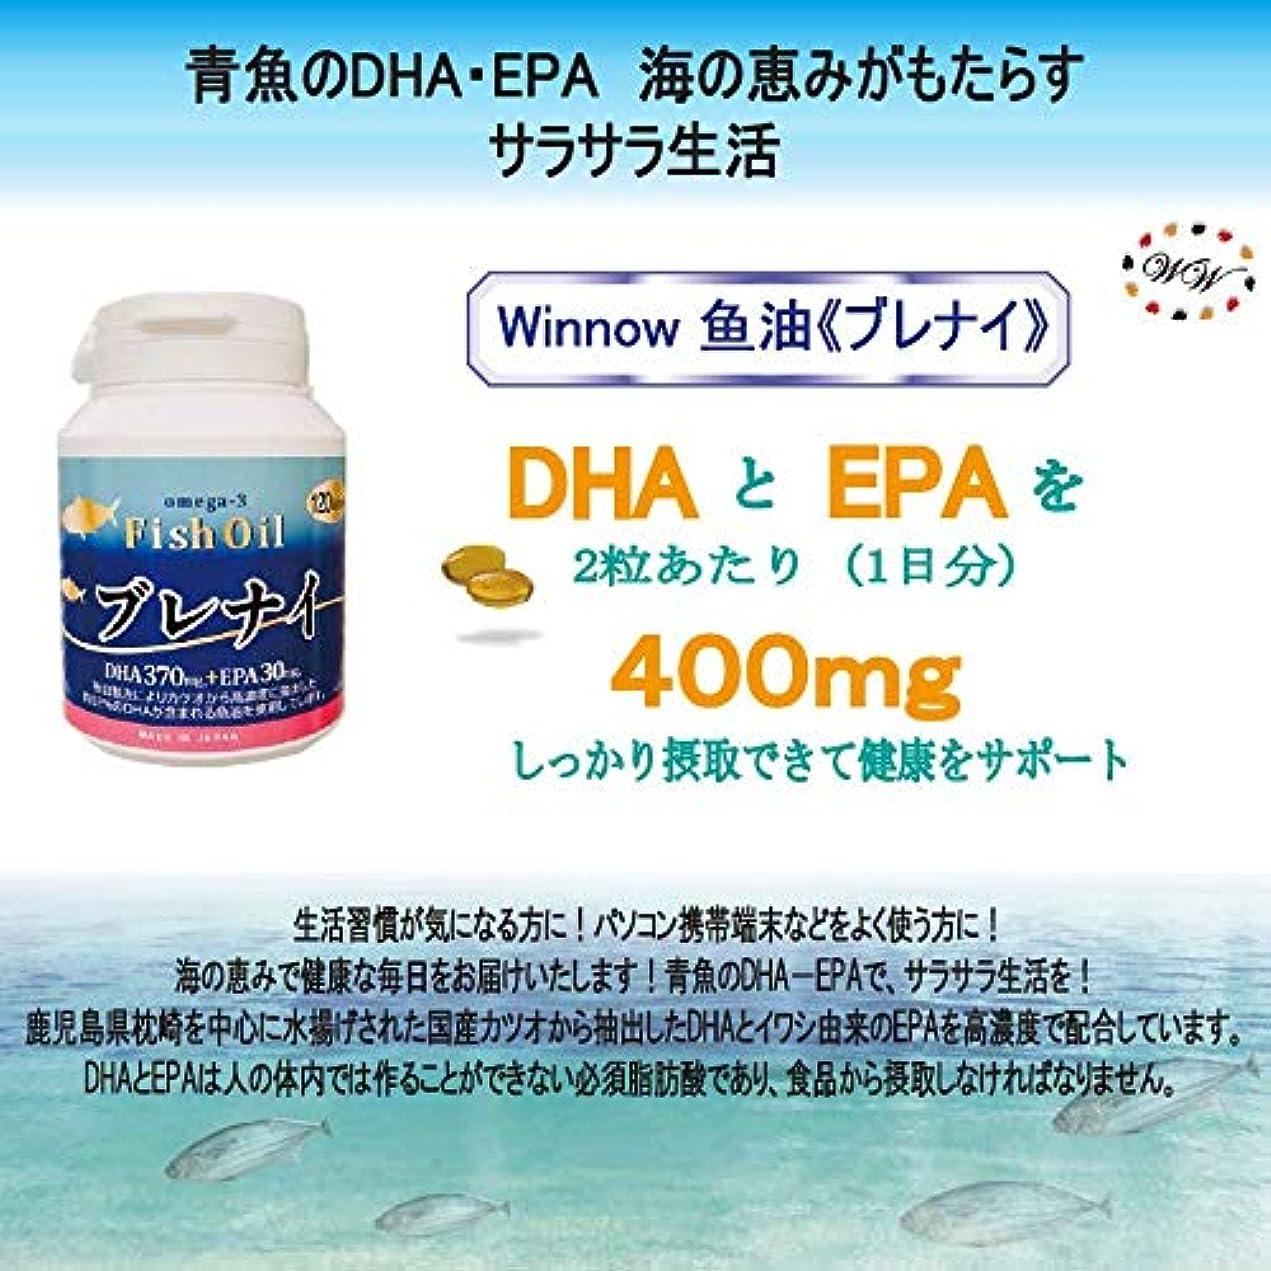 回転赤面ピンクWinnow魚油<ブレナイ> オメガ3脂肪酸 Omega3 Fish oil 日本産高濃度DHA、EPA / 120粒入り